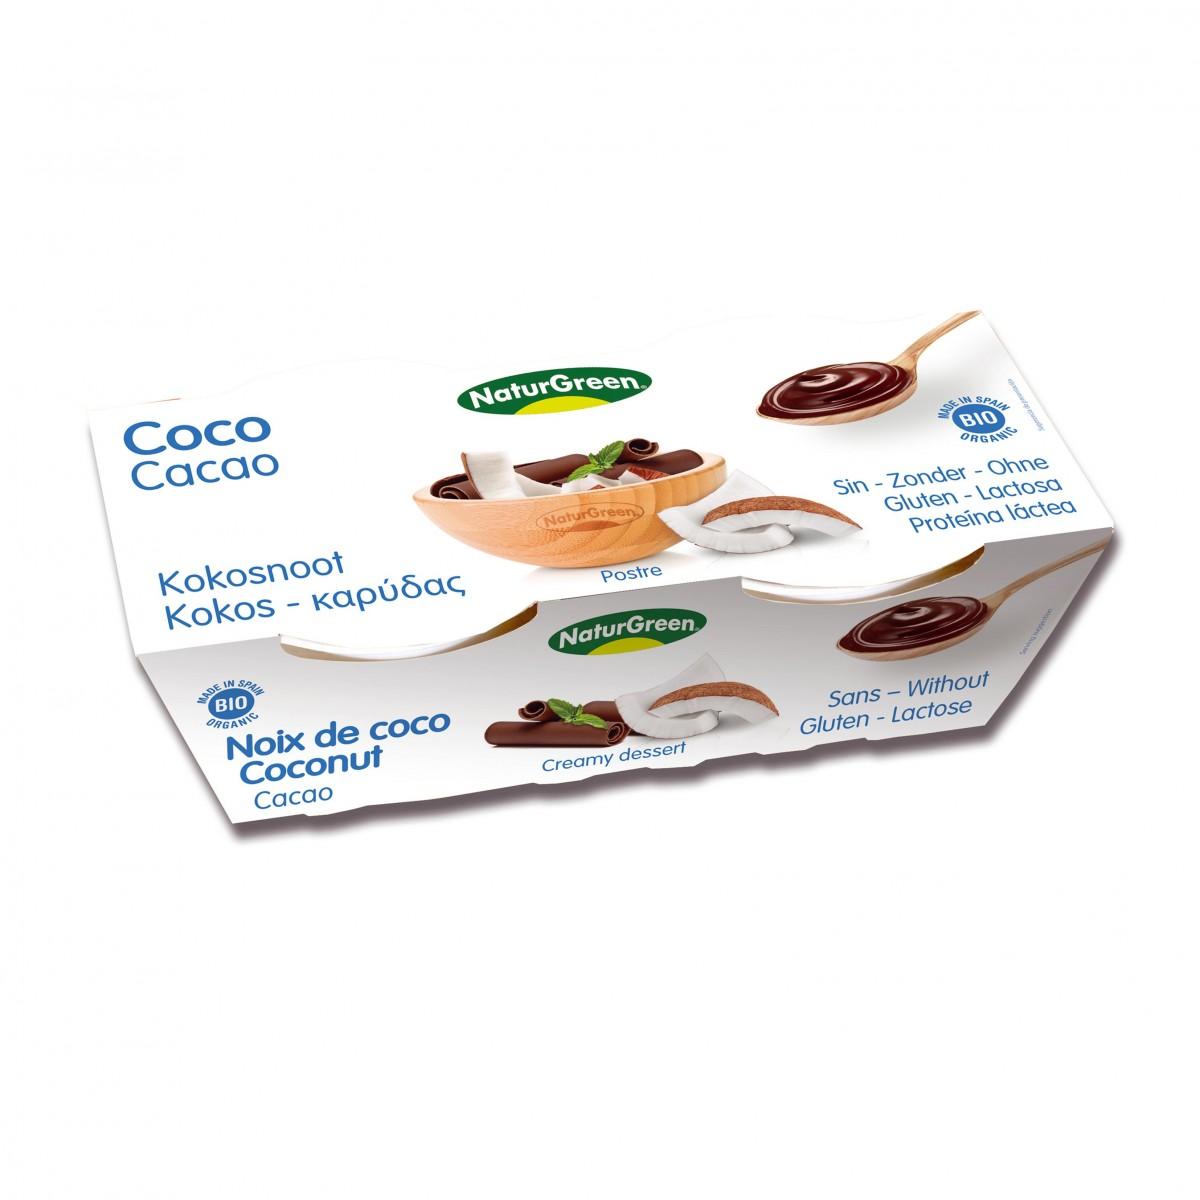 Kokos Dessert Cacao